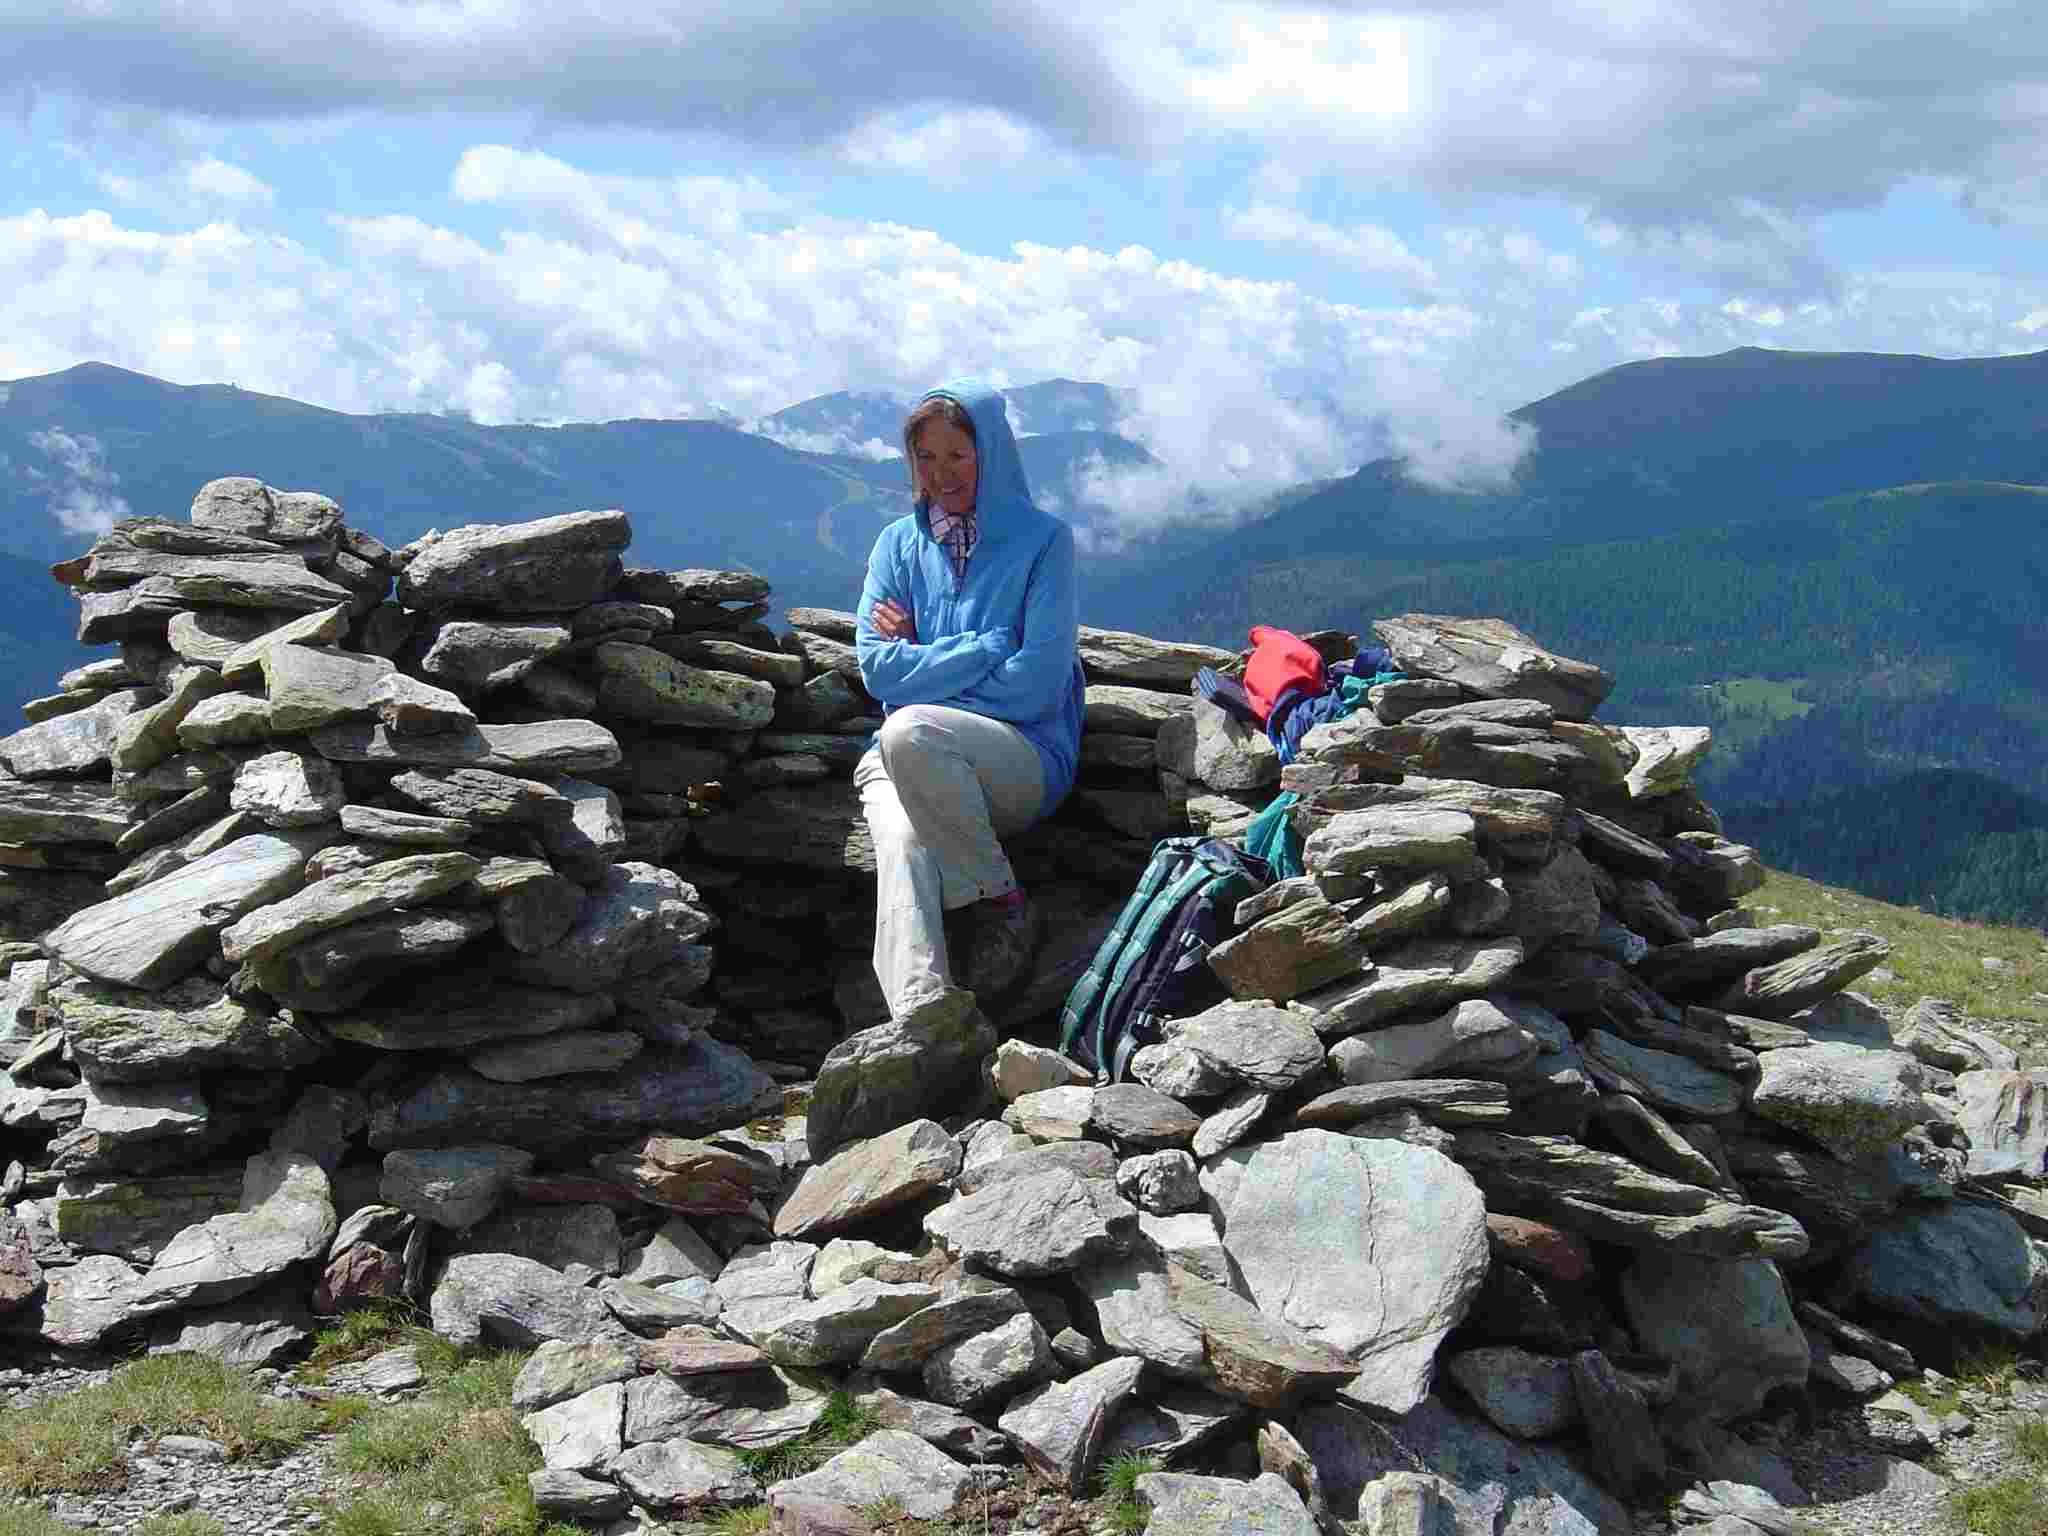 Foto: Manfred Karl / Wander Tour / Von St. Lorenzen auf den Speikkofel / Windschutz am Kleinen Speikkofel. / 03.05.2007 06:26:11